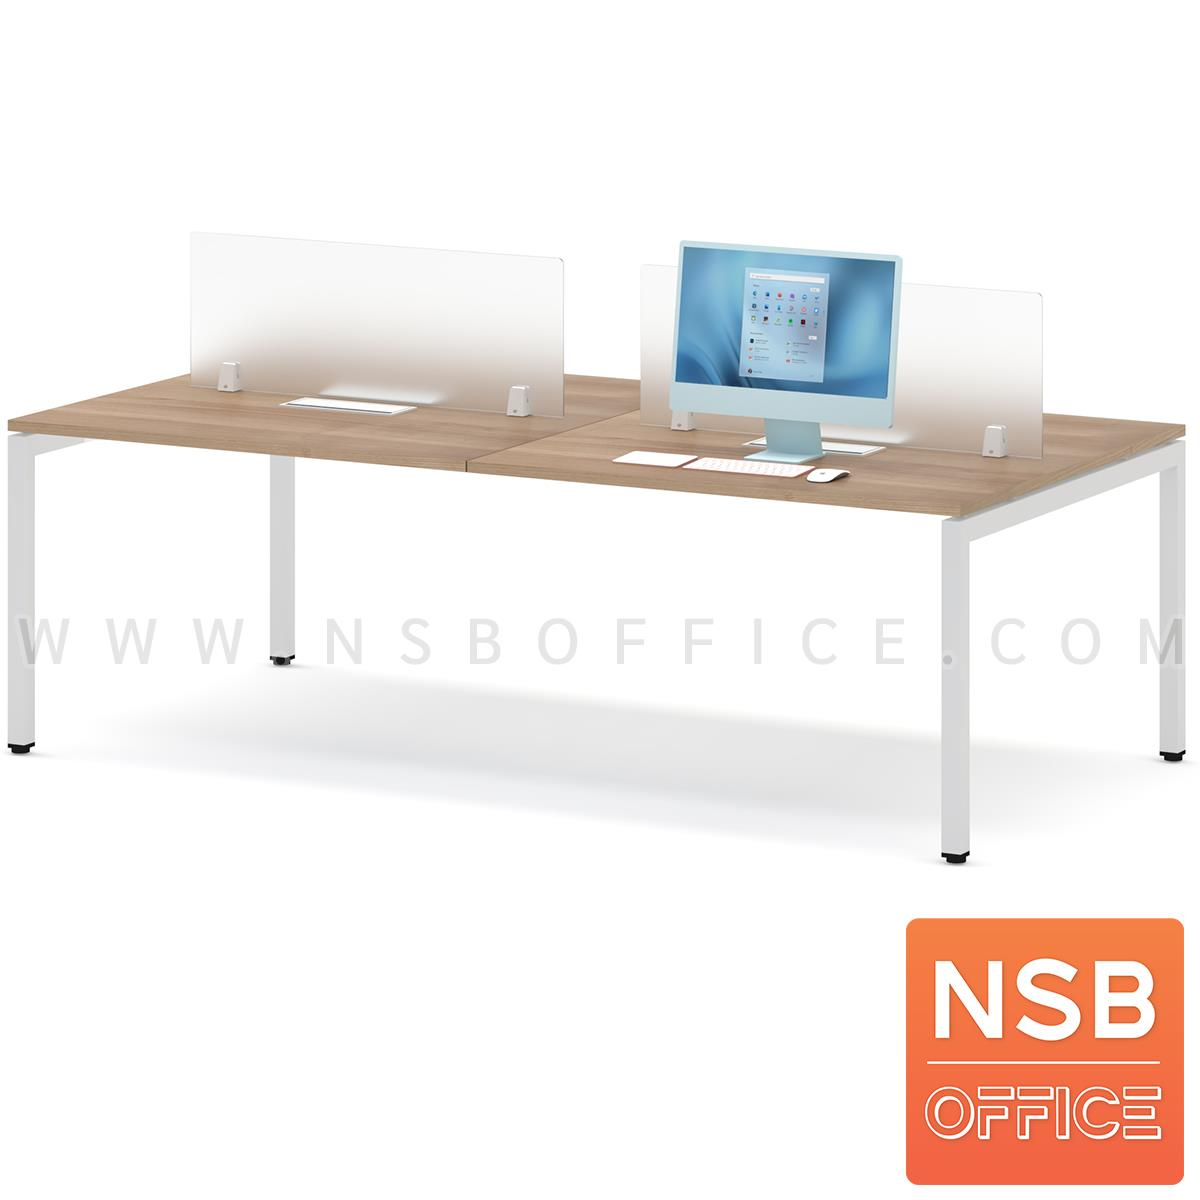 ชุดโต๊ะทำงานกลุ่ม รุ่น Smart  พร้อมมินิสกรีนและกล่องไฟ A24A034-2 ทุกที่นั่ง